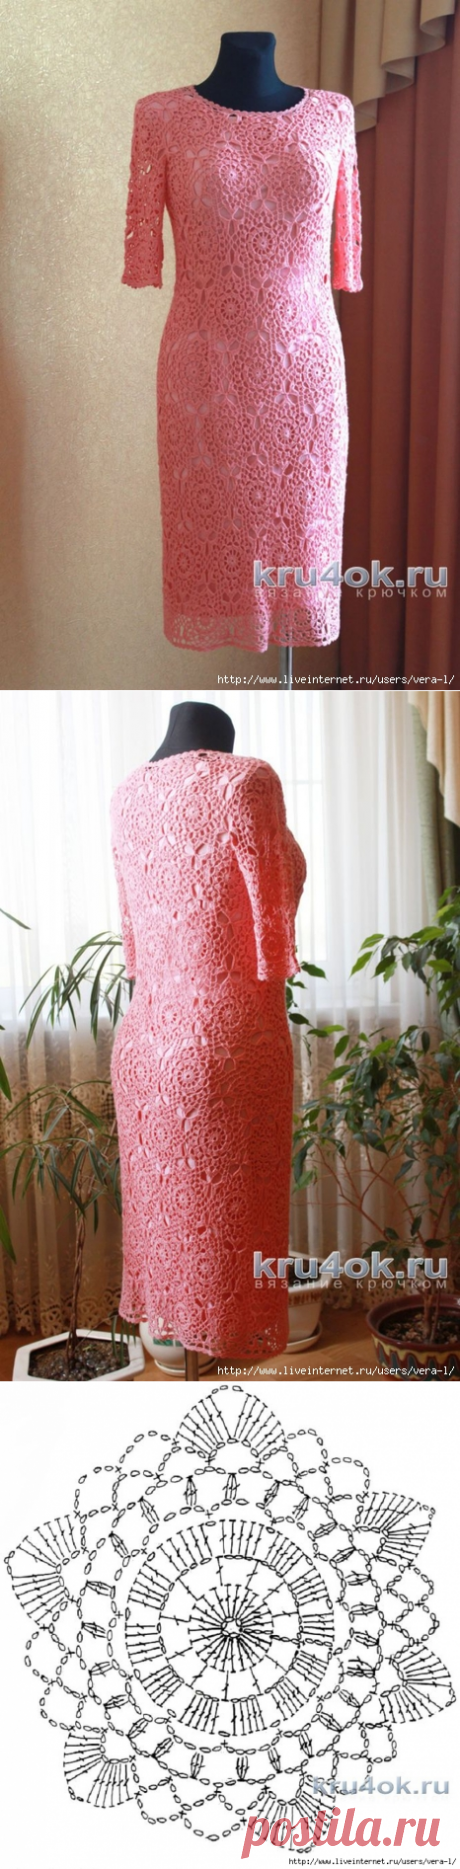 Женское платье крючком. Работа Ксюши Тихоненко